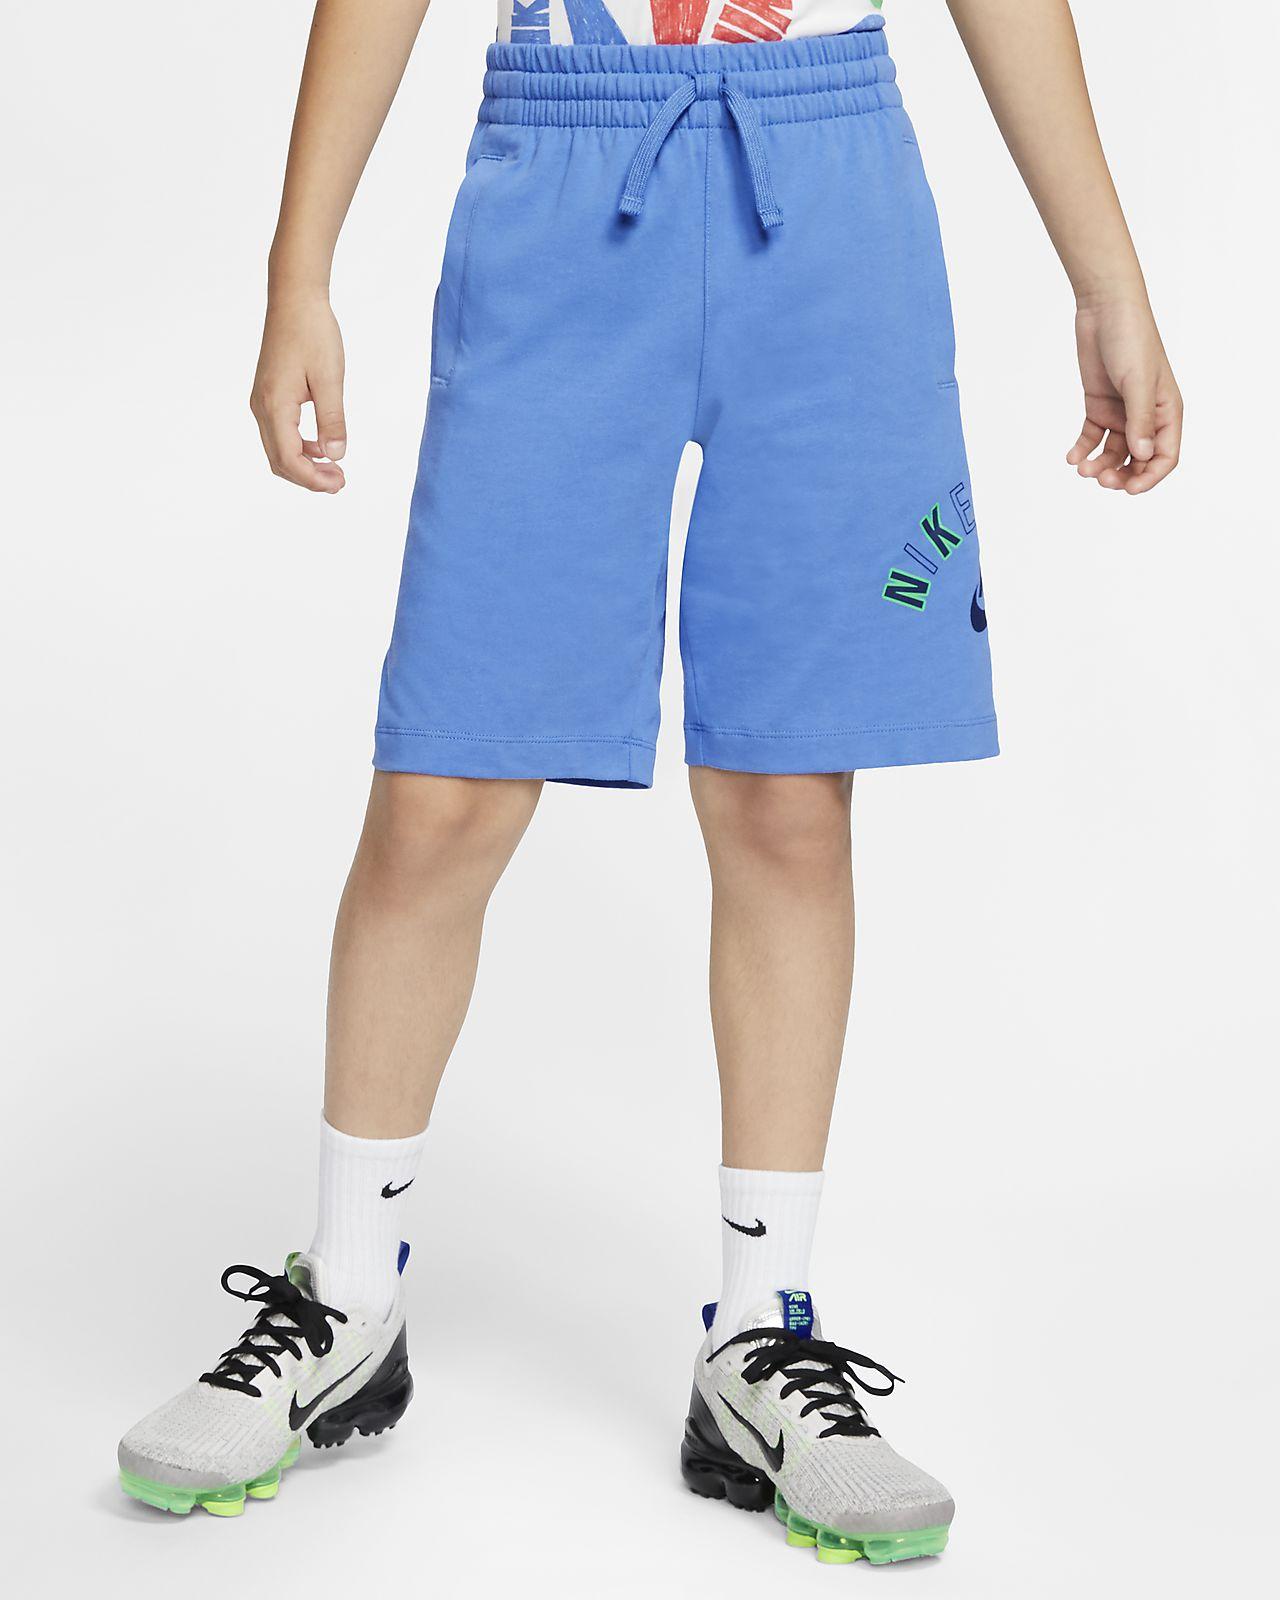 Nike Sportswear Older Kids' (Boys') Jersey Shorts